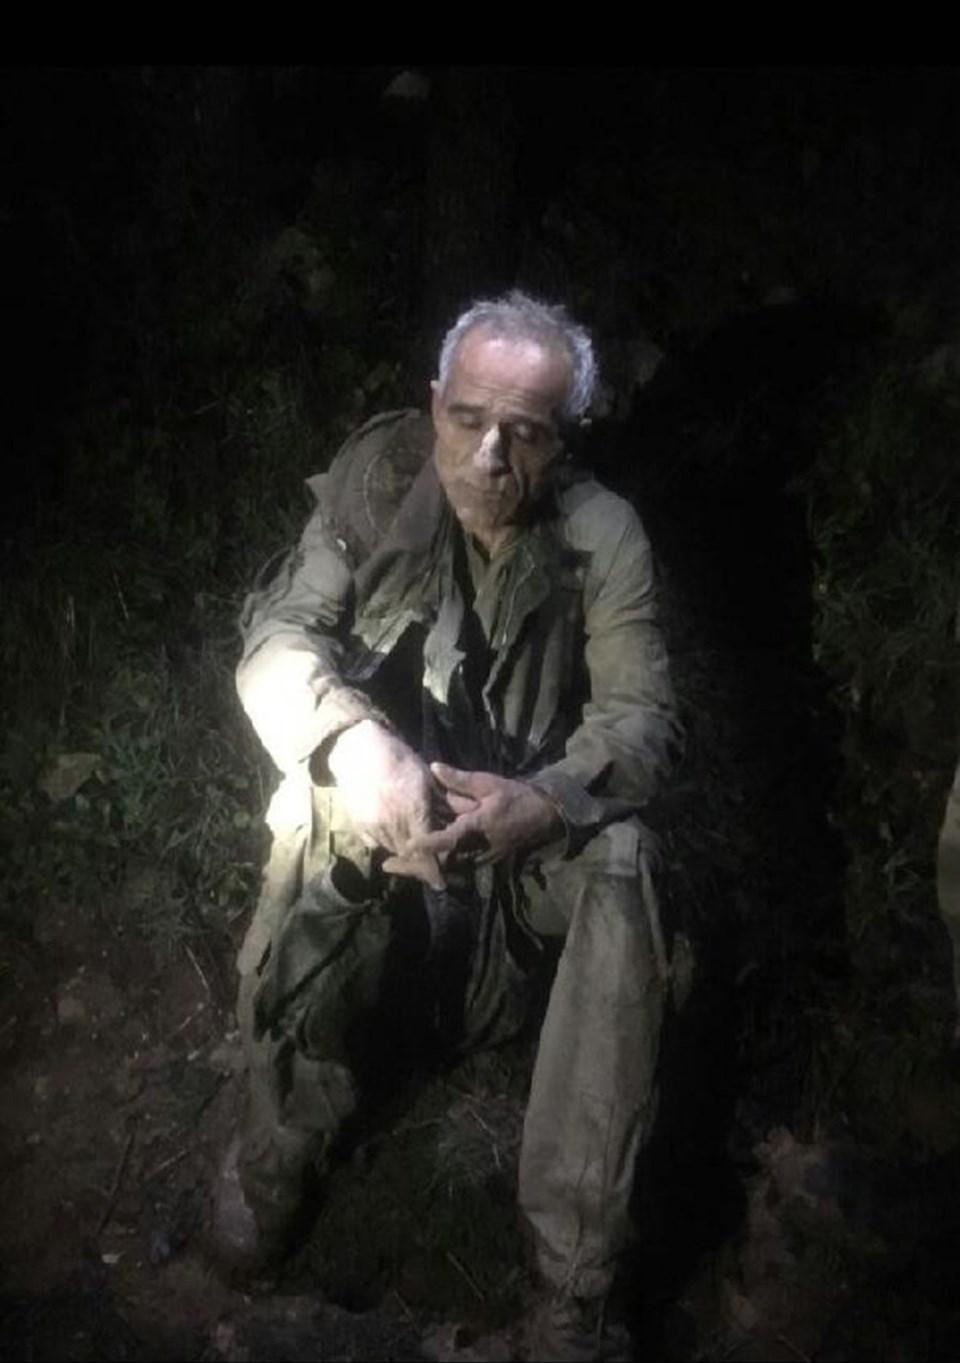 Jandarma ve polis özel harekat ekipleri, 9 saatlik çalışma ardından paraşütün bulunduğu yerin yaklaşık 500 metre uzağında uçağın pilotunu bitkin halde bulmuştu.